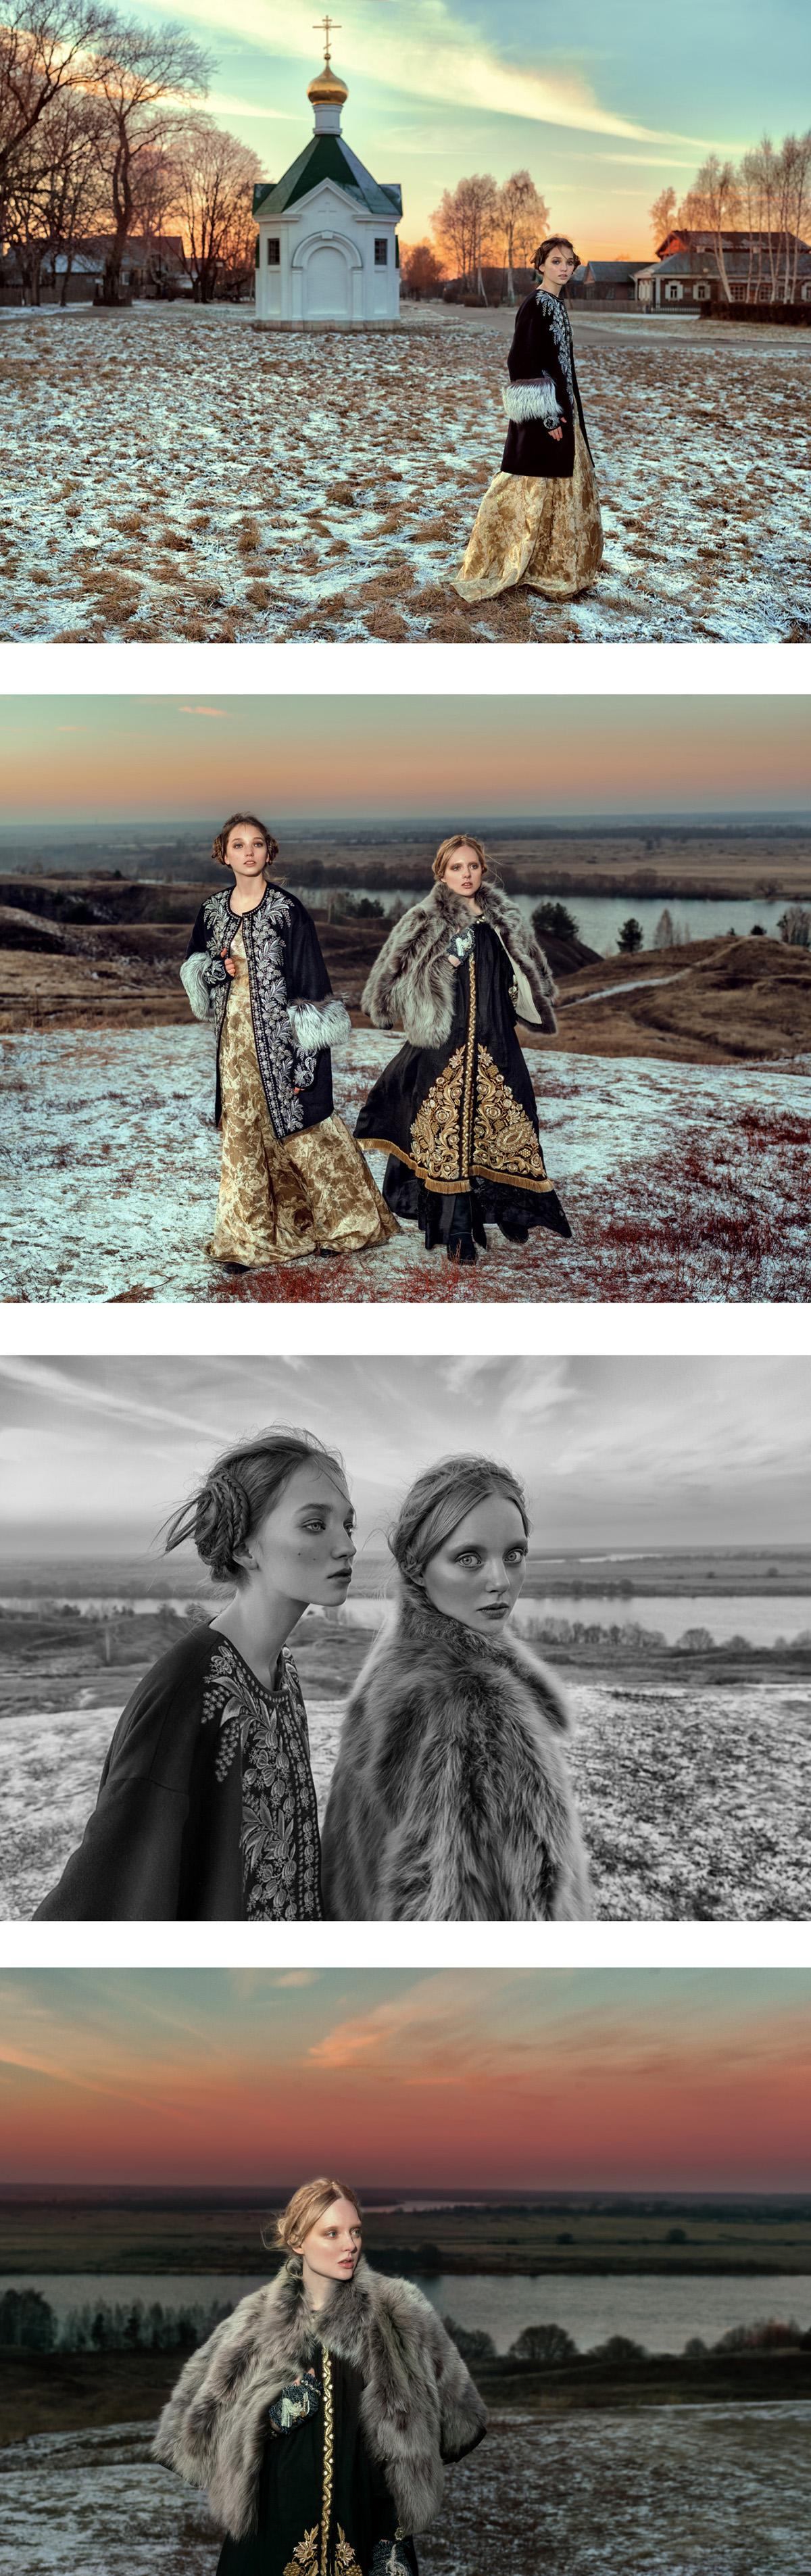 Under the Open Skies - Yakovlev & Aleeva